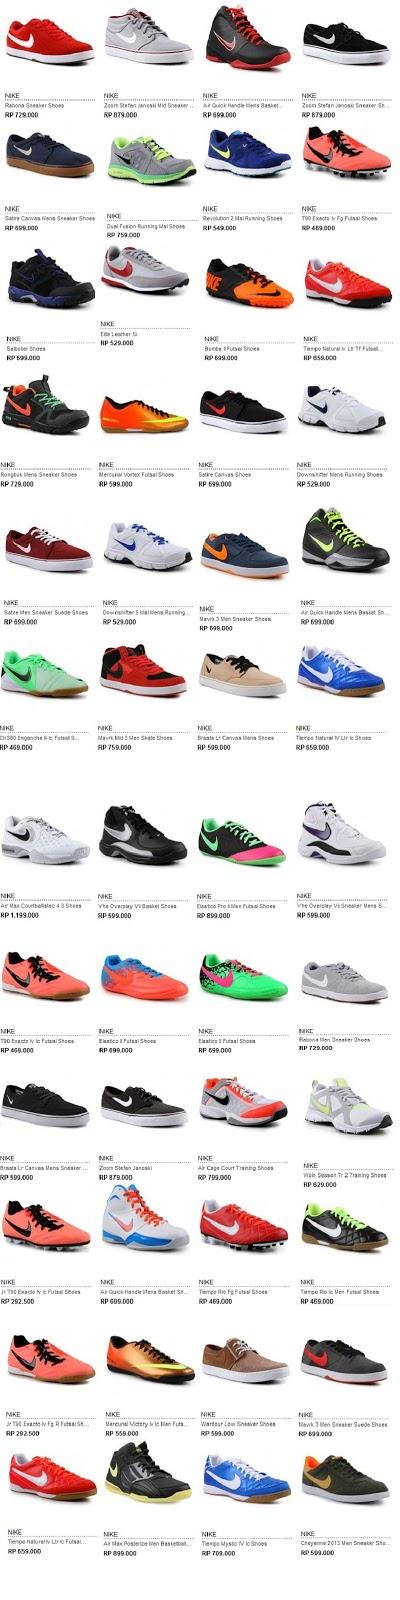 Daftar Harga Sepatu NIKE Asli Terbaru 2013 | Daftar Harga Terbaru